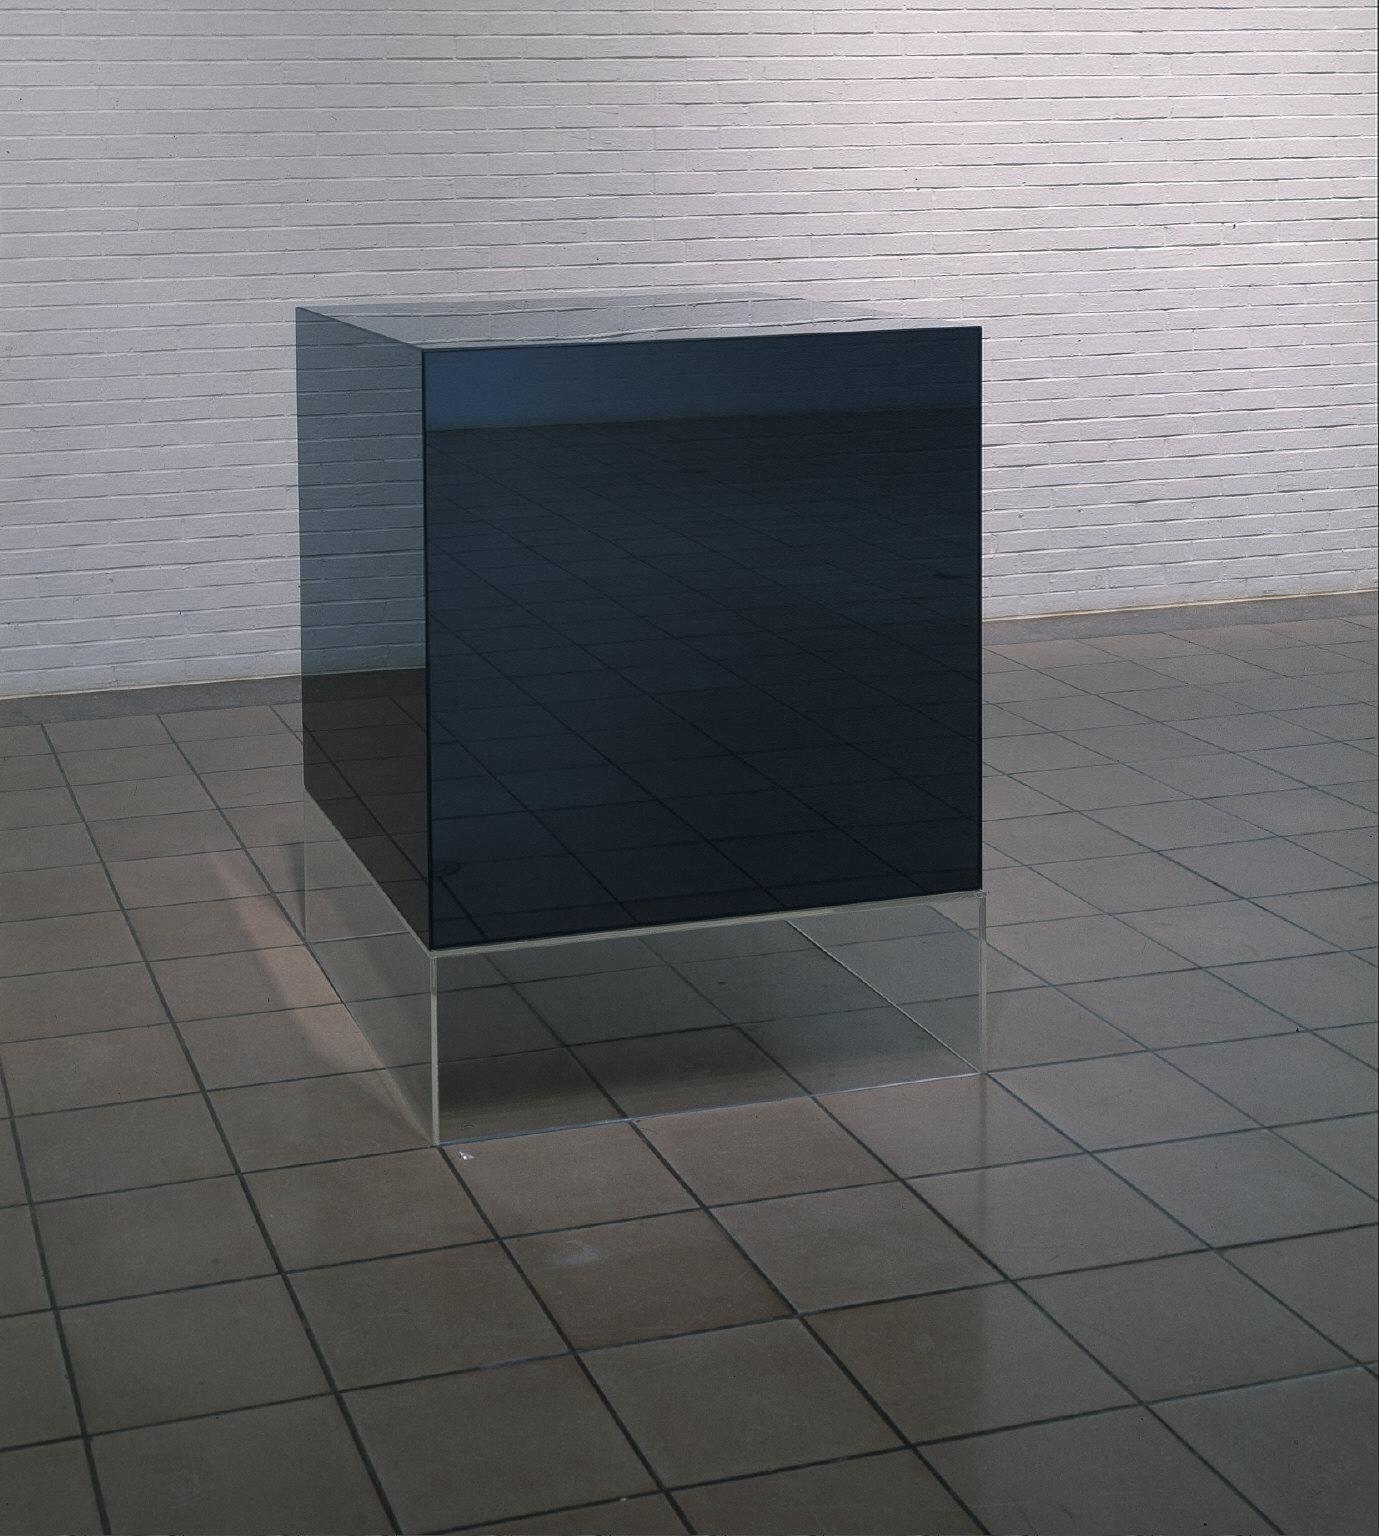 The Cube of the Iceberg II